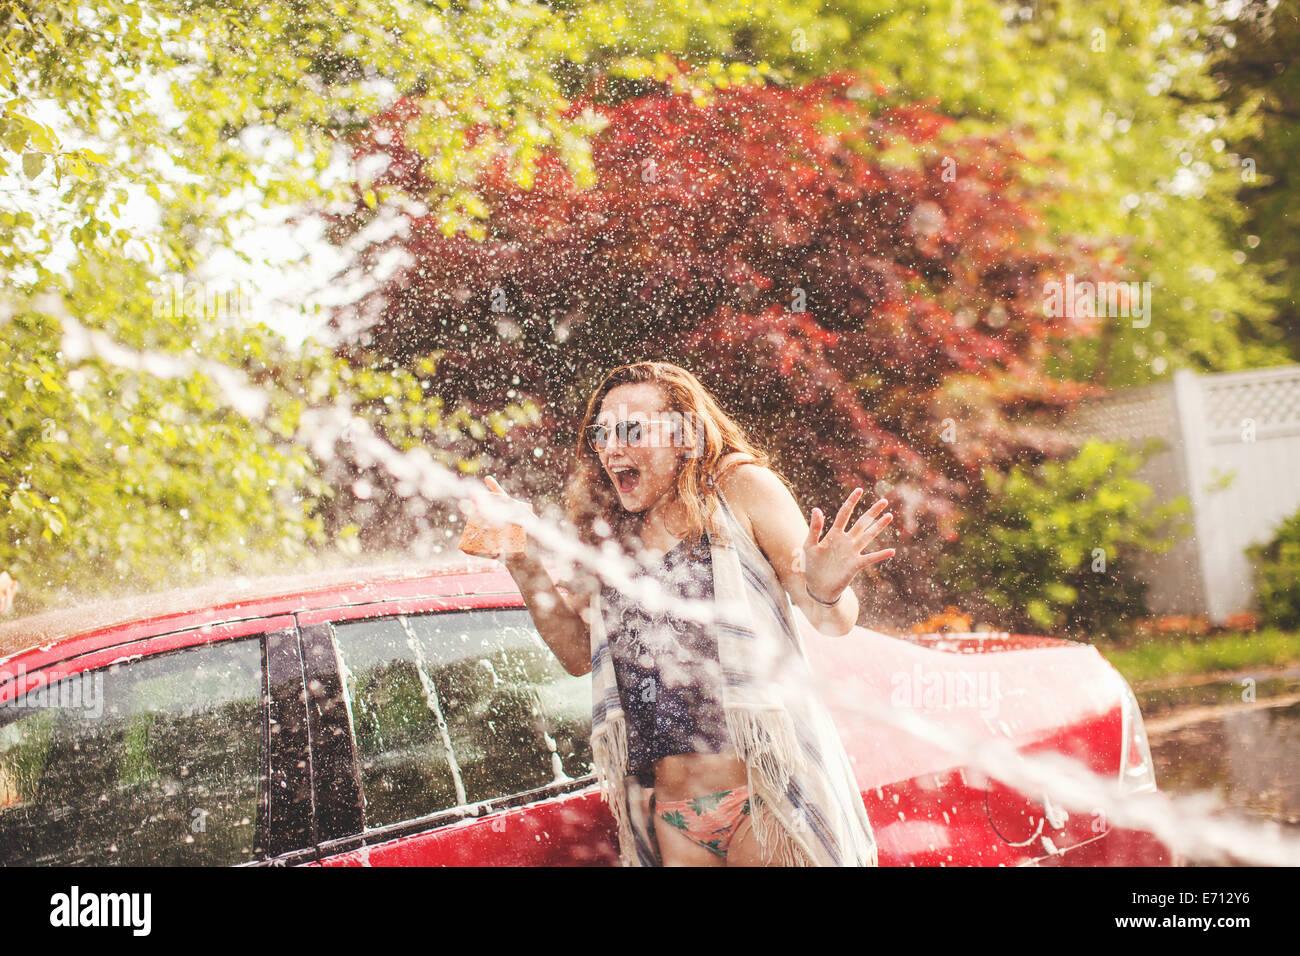 Giovane donna che viene spruzzato con acqua Immagini Stock